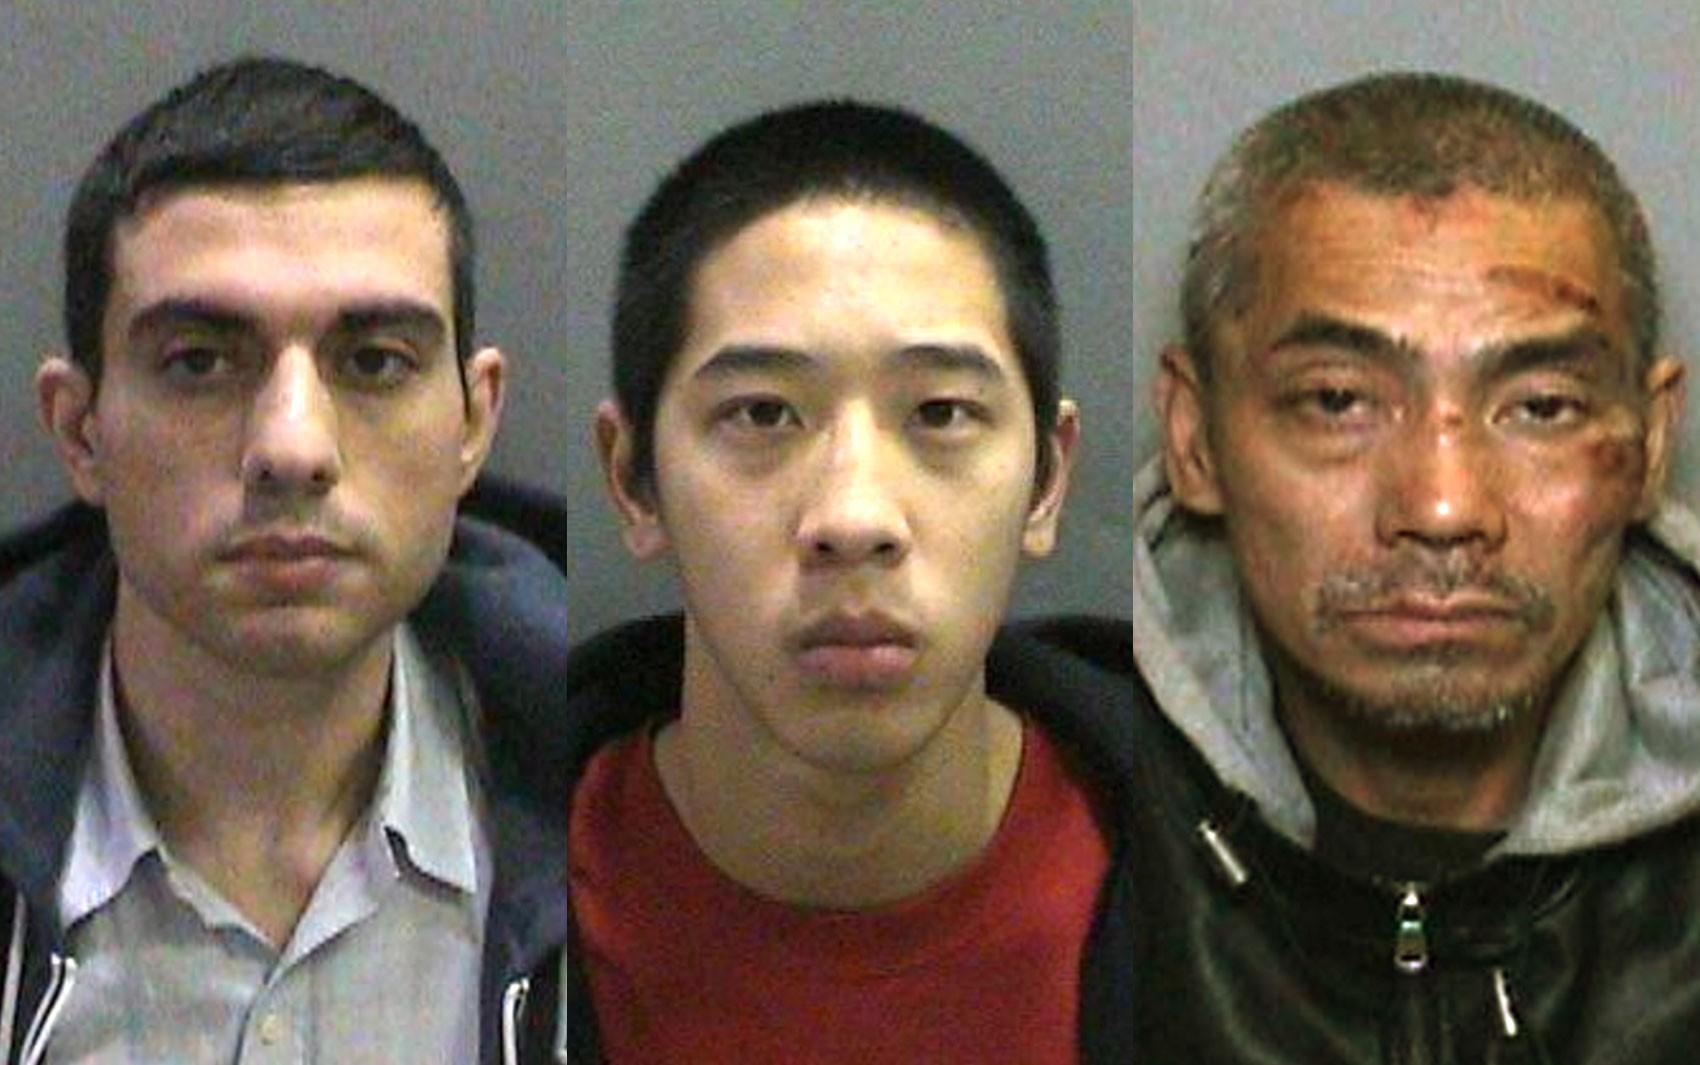 A partir da esquerda, Hossein Nayeri, Jonathan Tieu e Bac Duong, fugitivos da prisão de Orange County, em Los Angeles, em fotos divulgadas pela polícia (Foto: Orange County Sheriff's Department via AP)